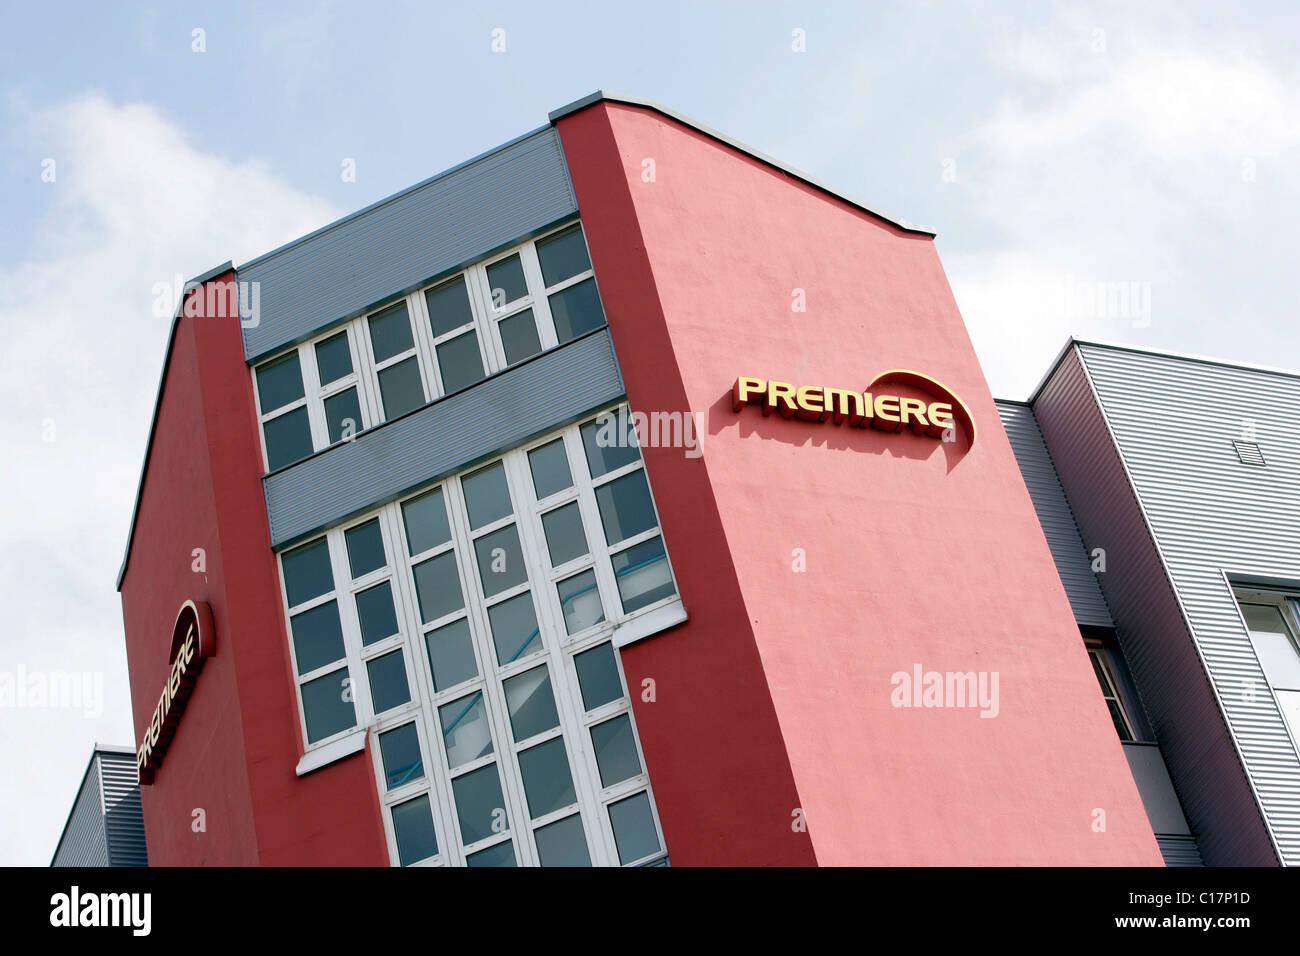 Premiere World Firmensitz in Medienallee Straße in Unterföhring bei München, Bayern, Deutschland, Stockbild